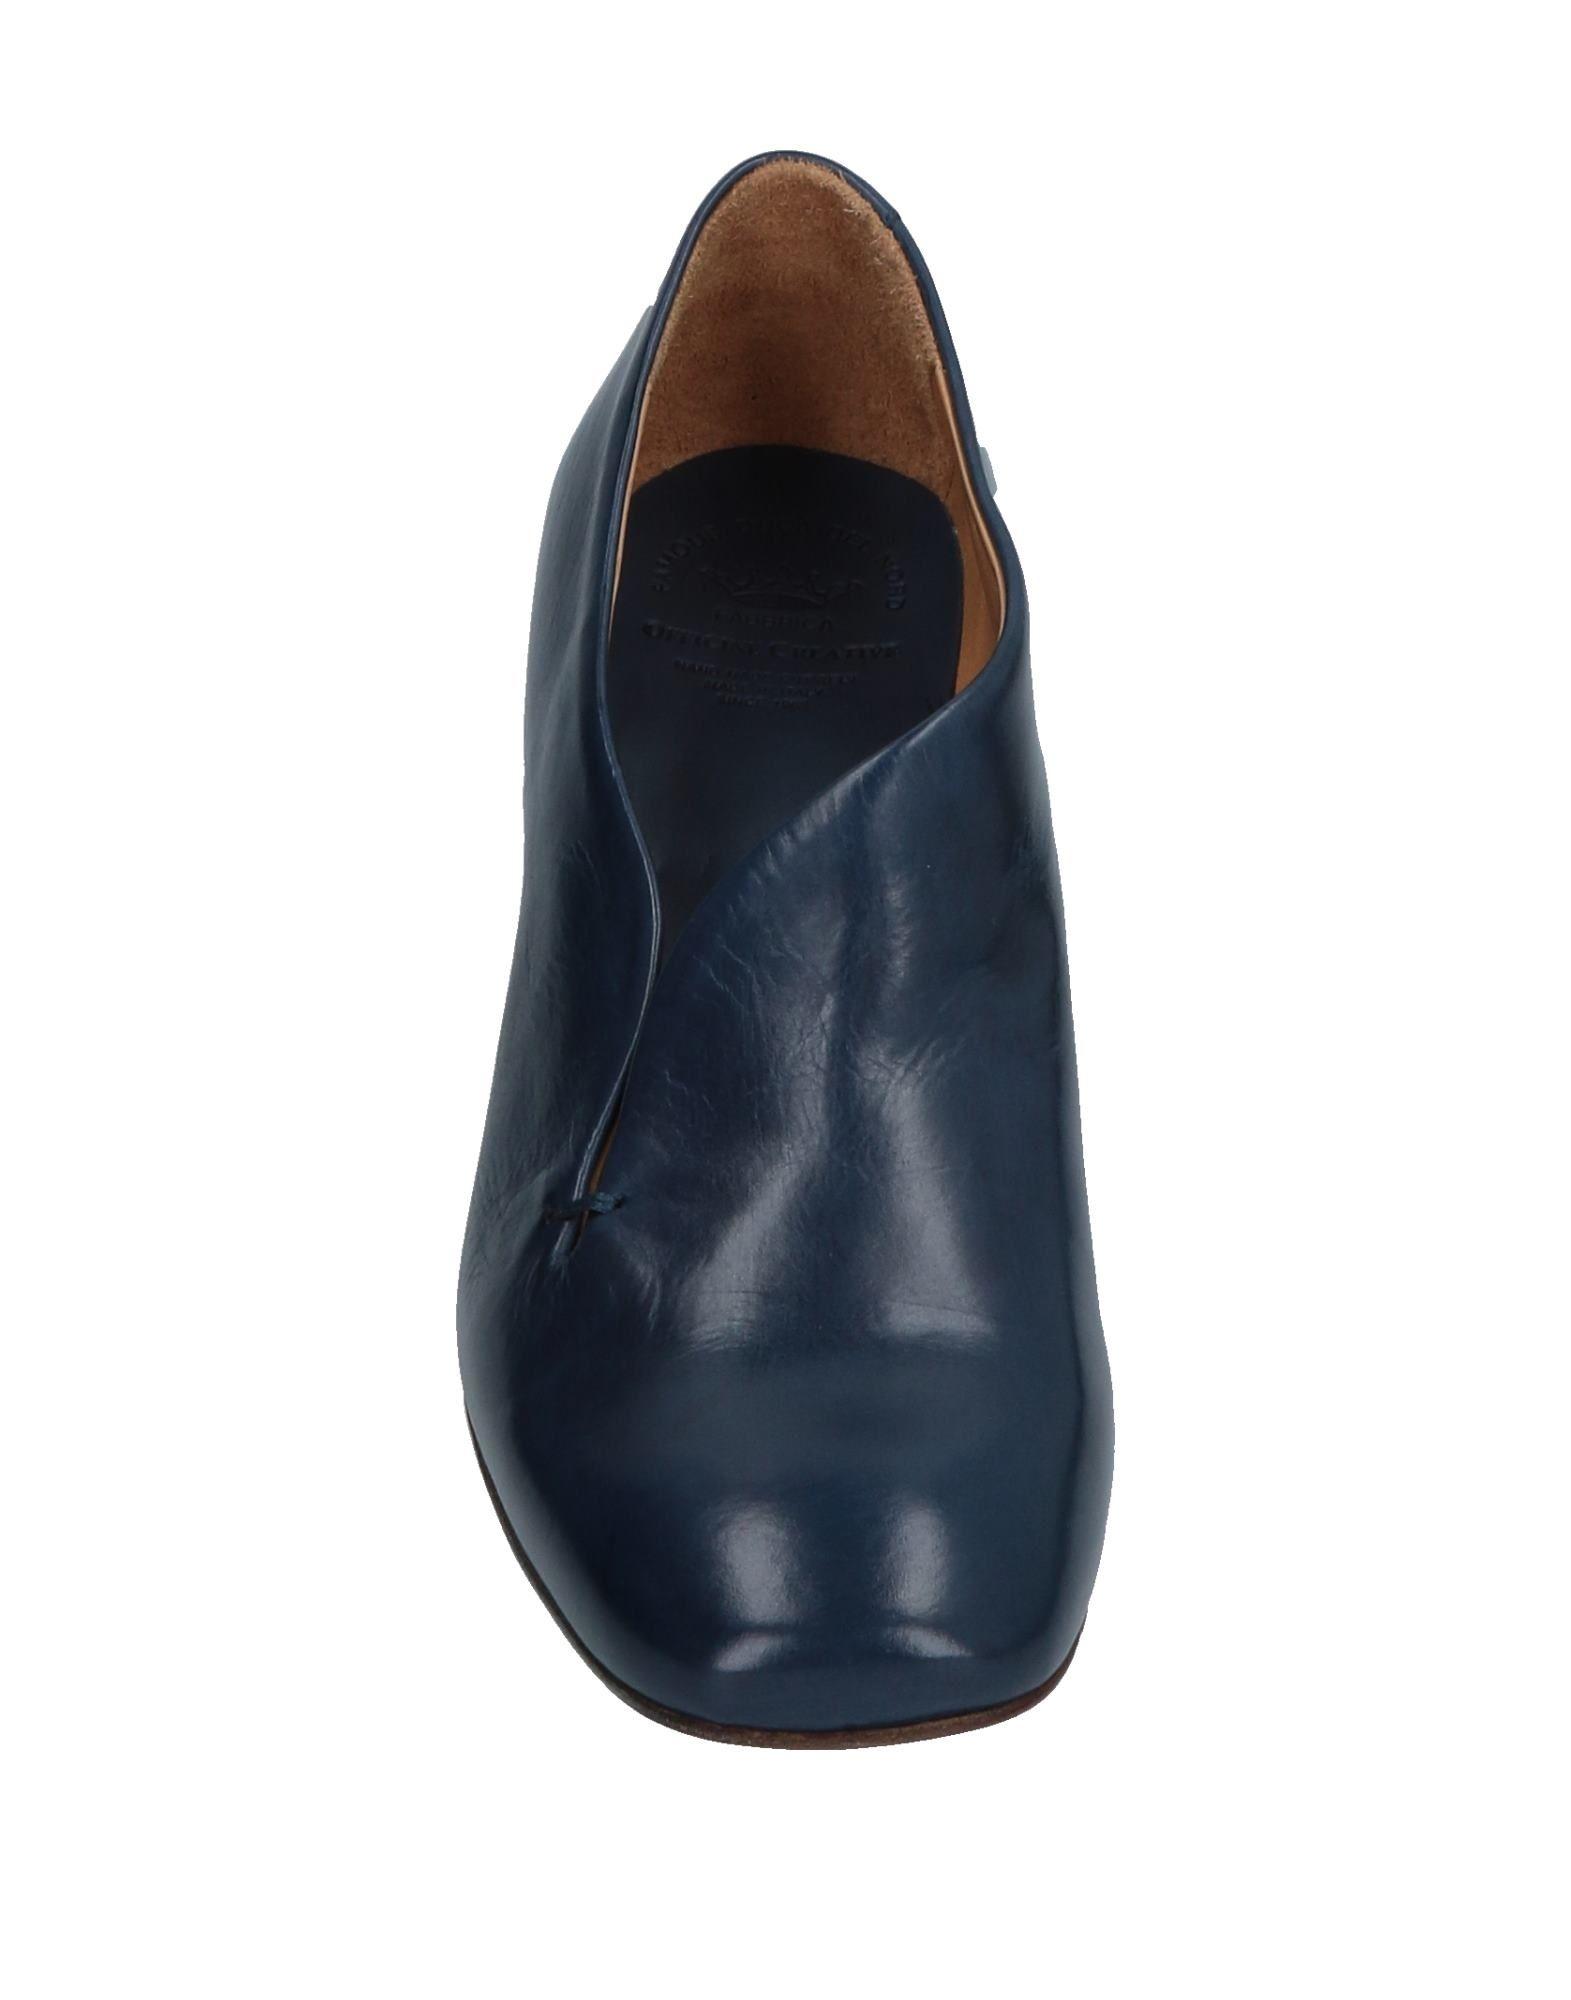 Rabatt Schuhe Officine Creative Italia 11562444RN Mokassins Damen  11562444RN Italia 515700